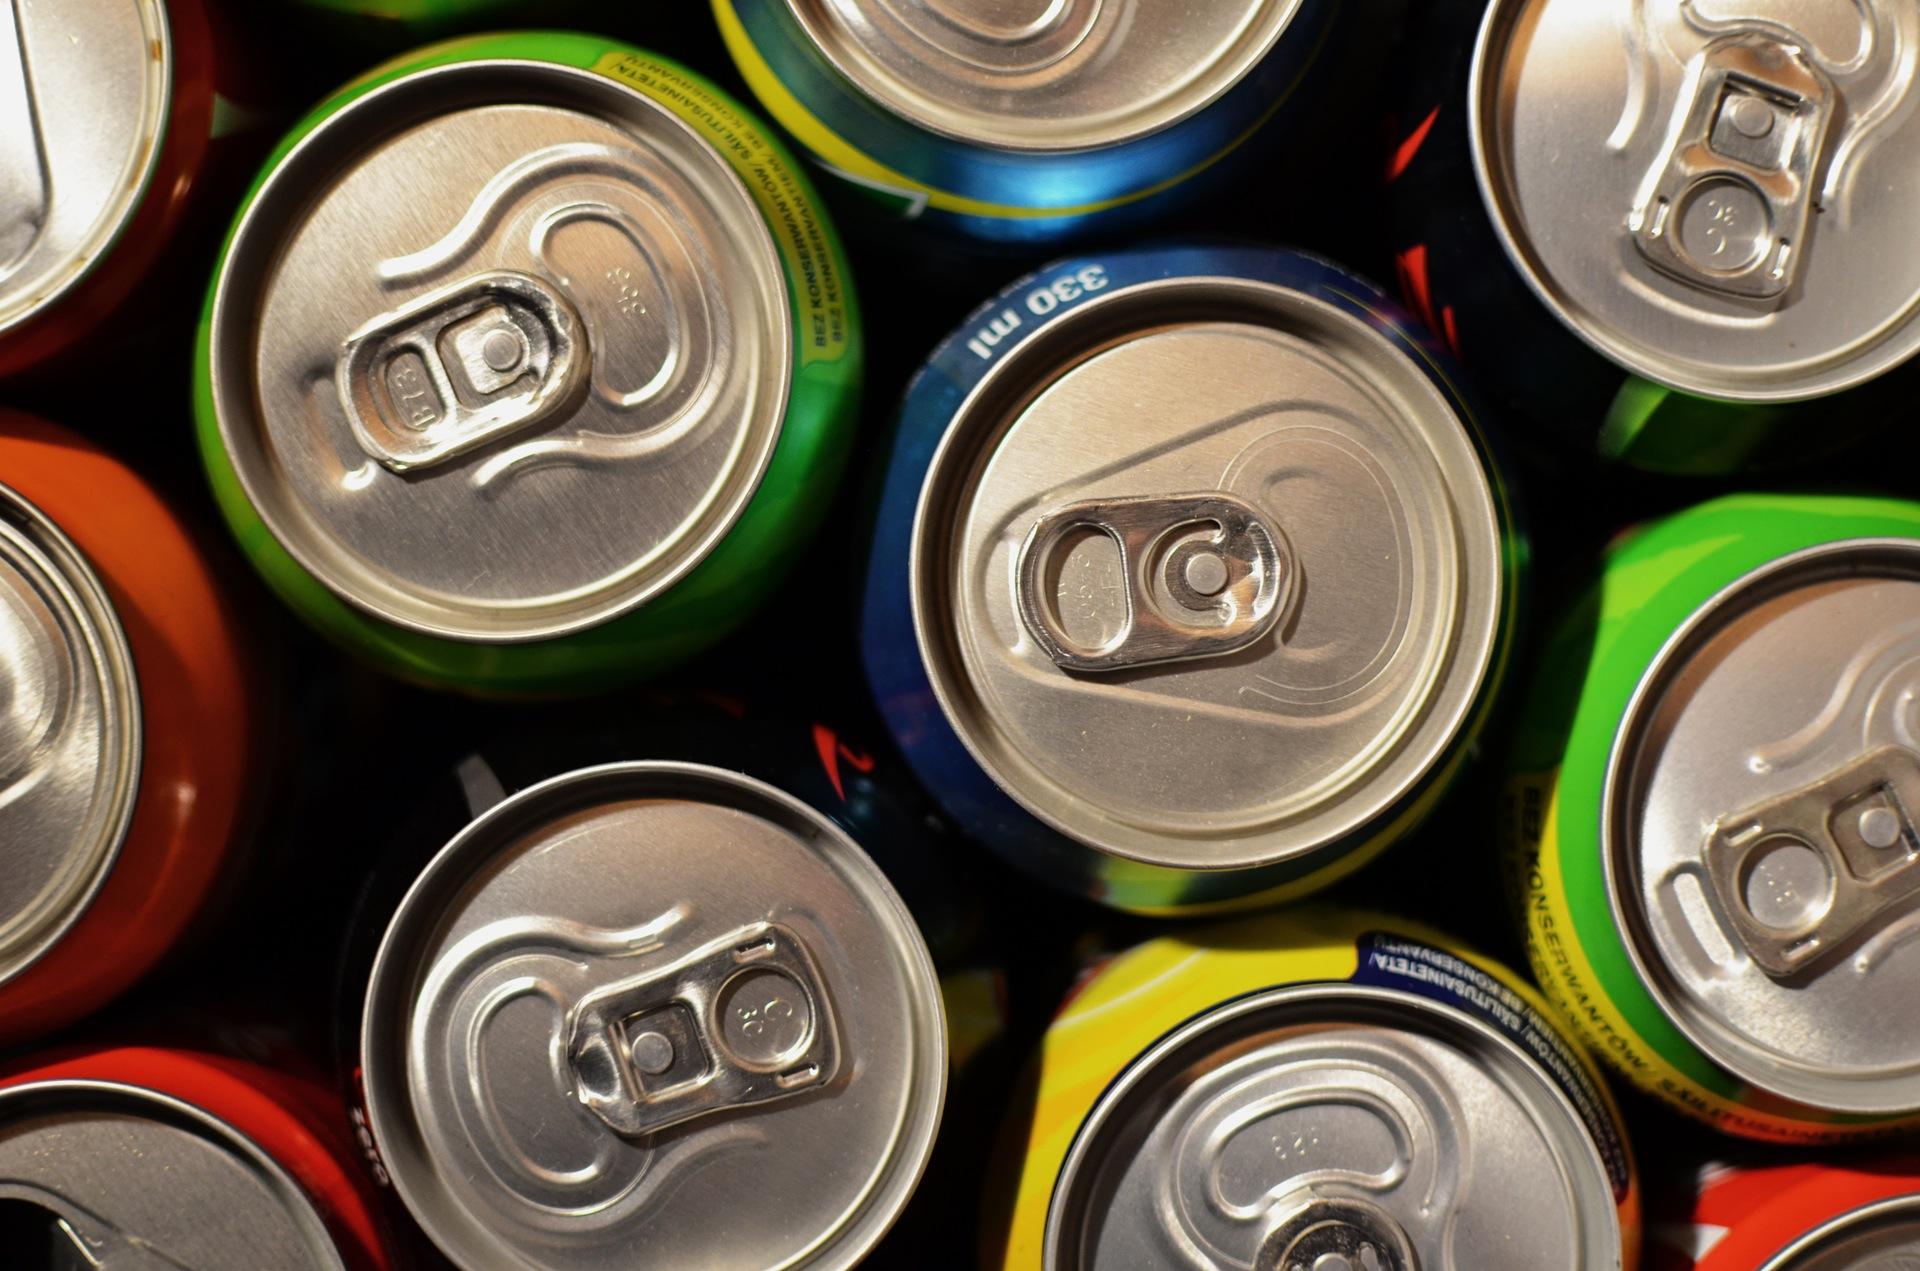 банки, безалкогольные напитки, напитки, Кольца, цвета, супермаркет, Магазин - Обои HD - Профессор falken.com